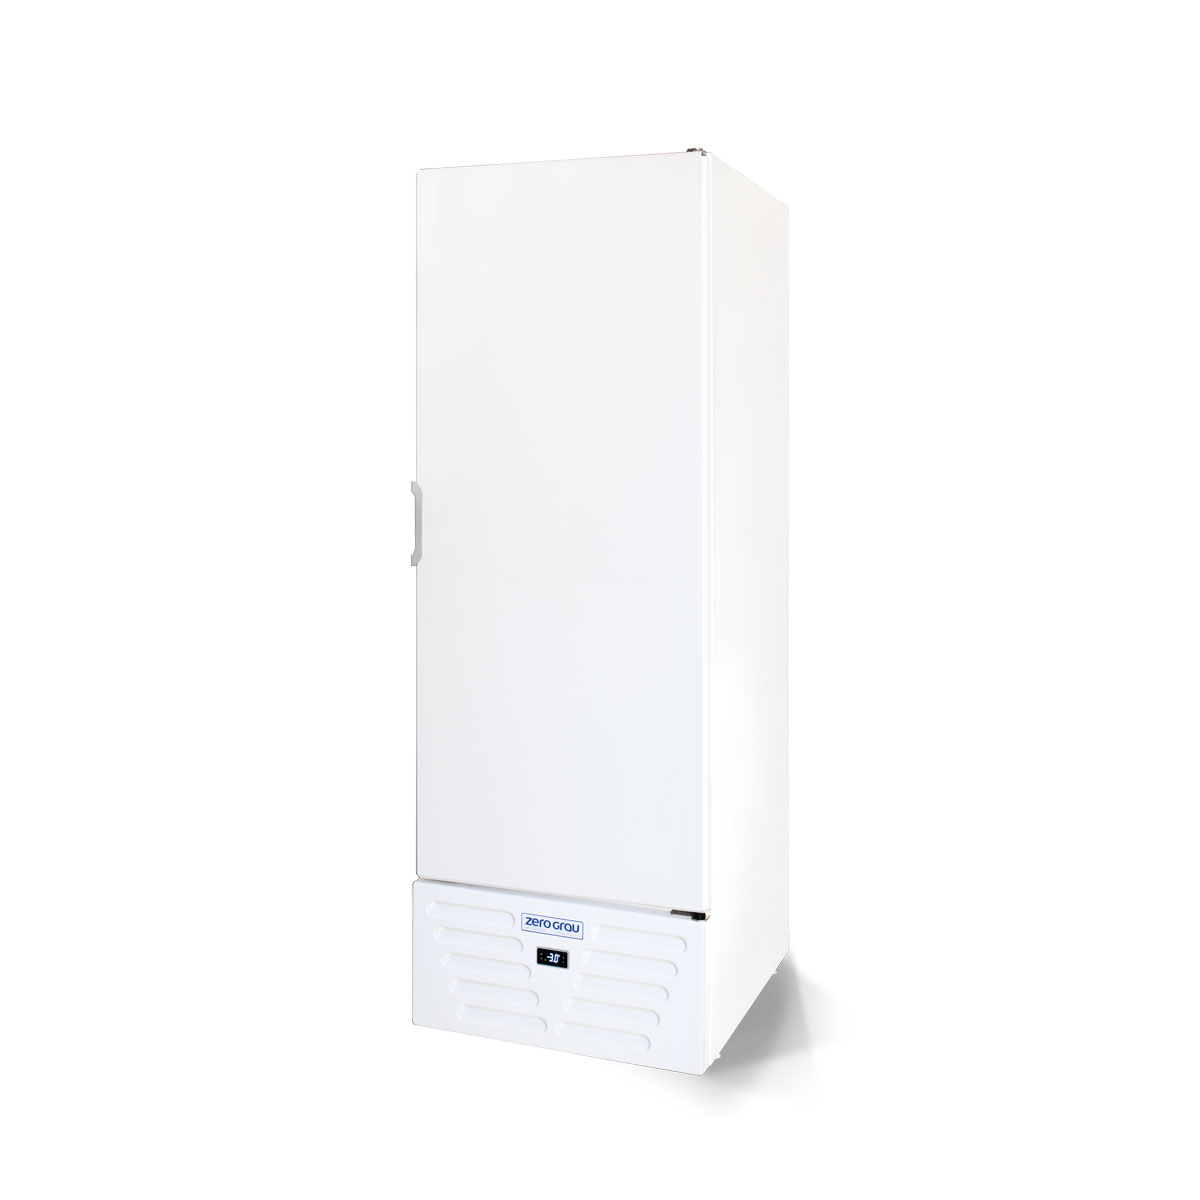 Refrigerador 575 Litros até -7°C